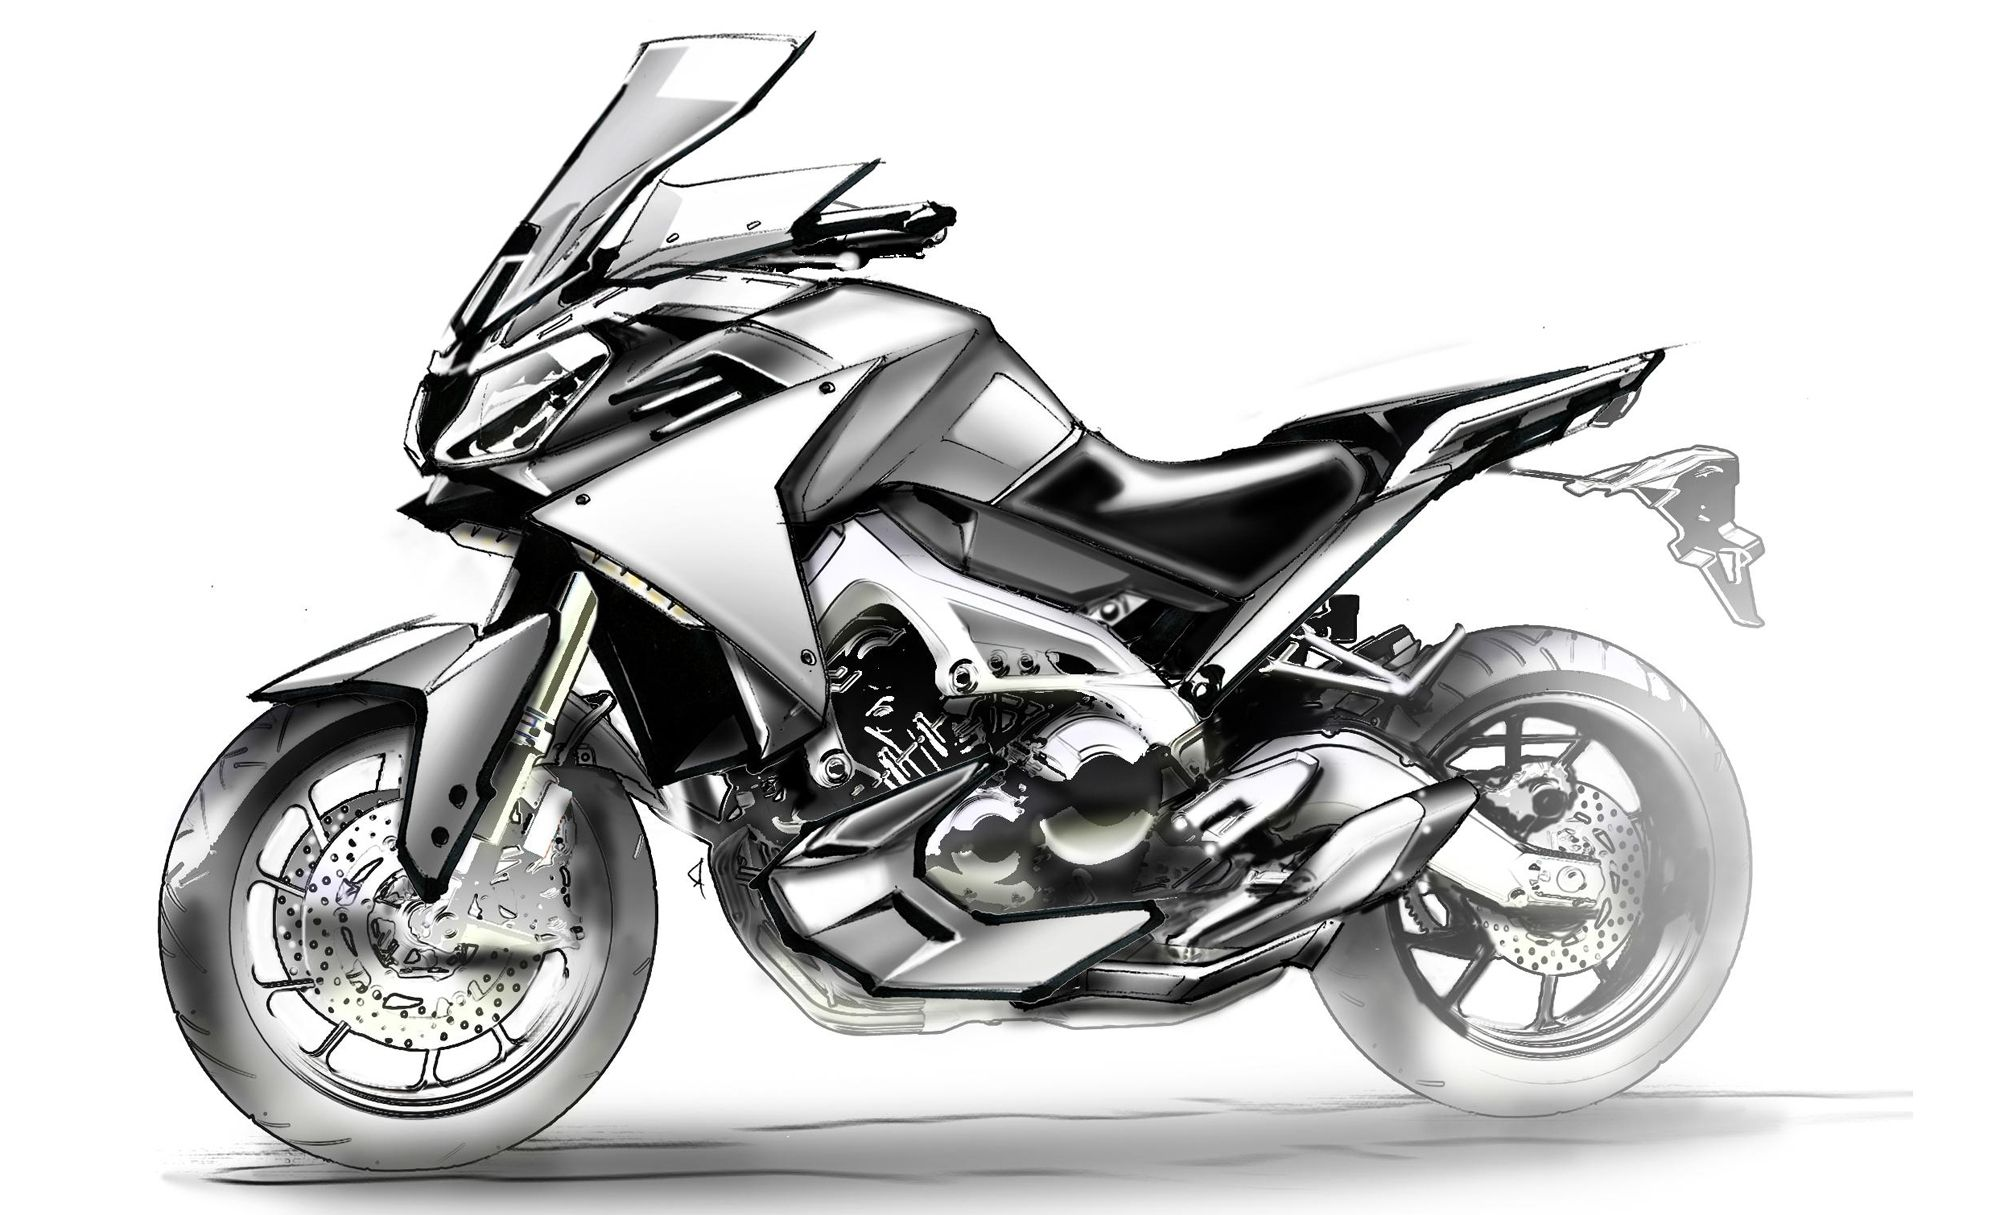 потому, картинка мотоцикла для печати добры, расскажите, как